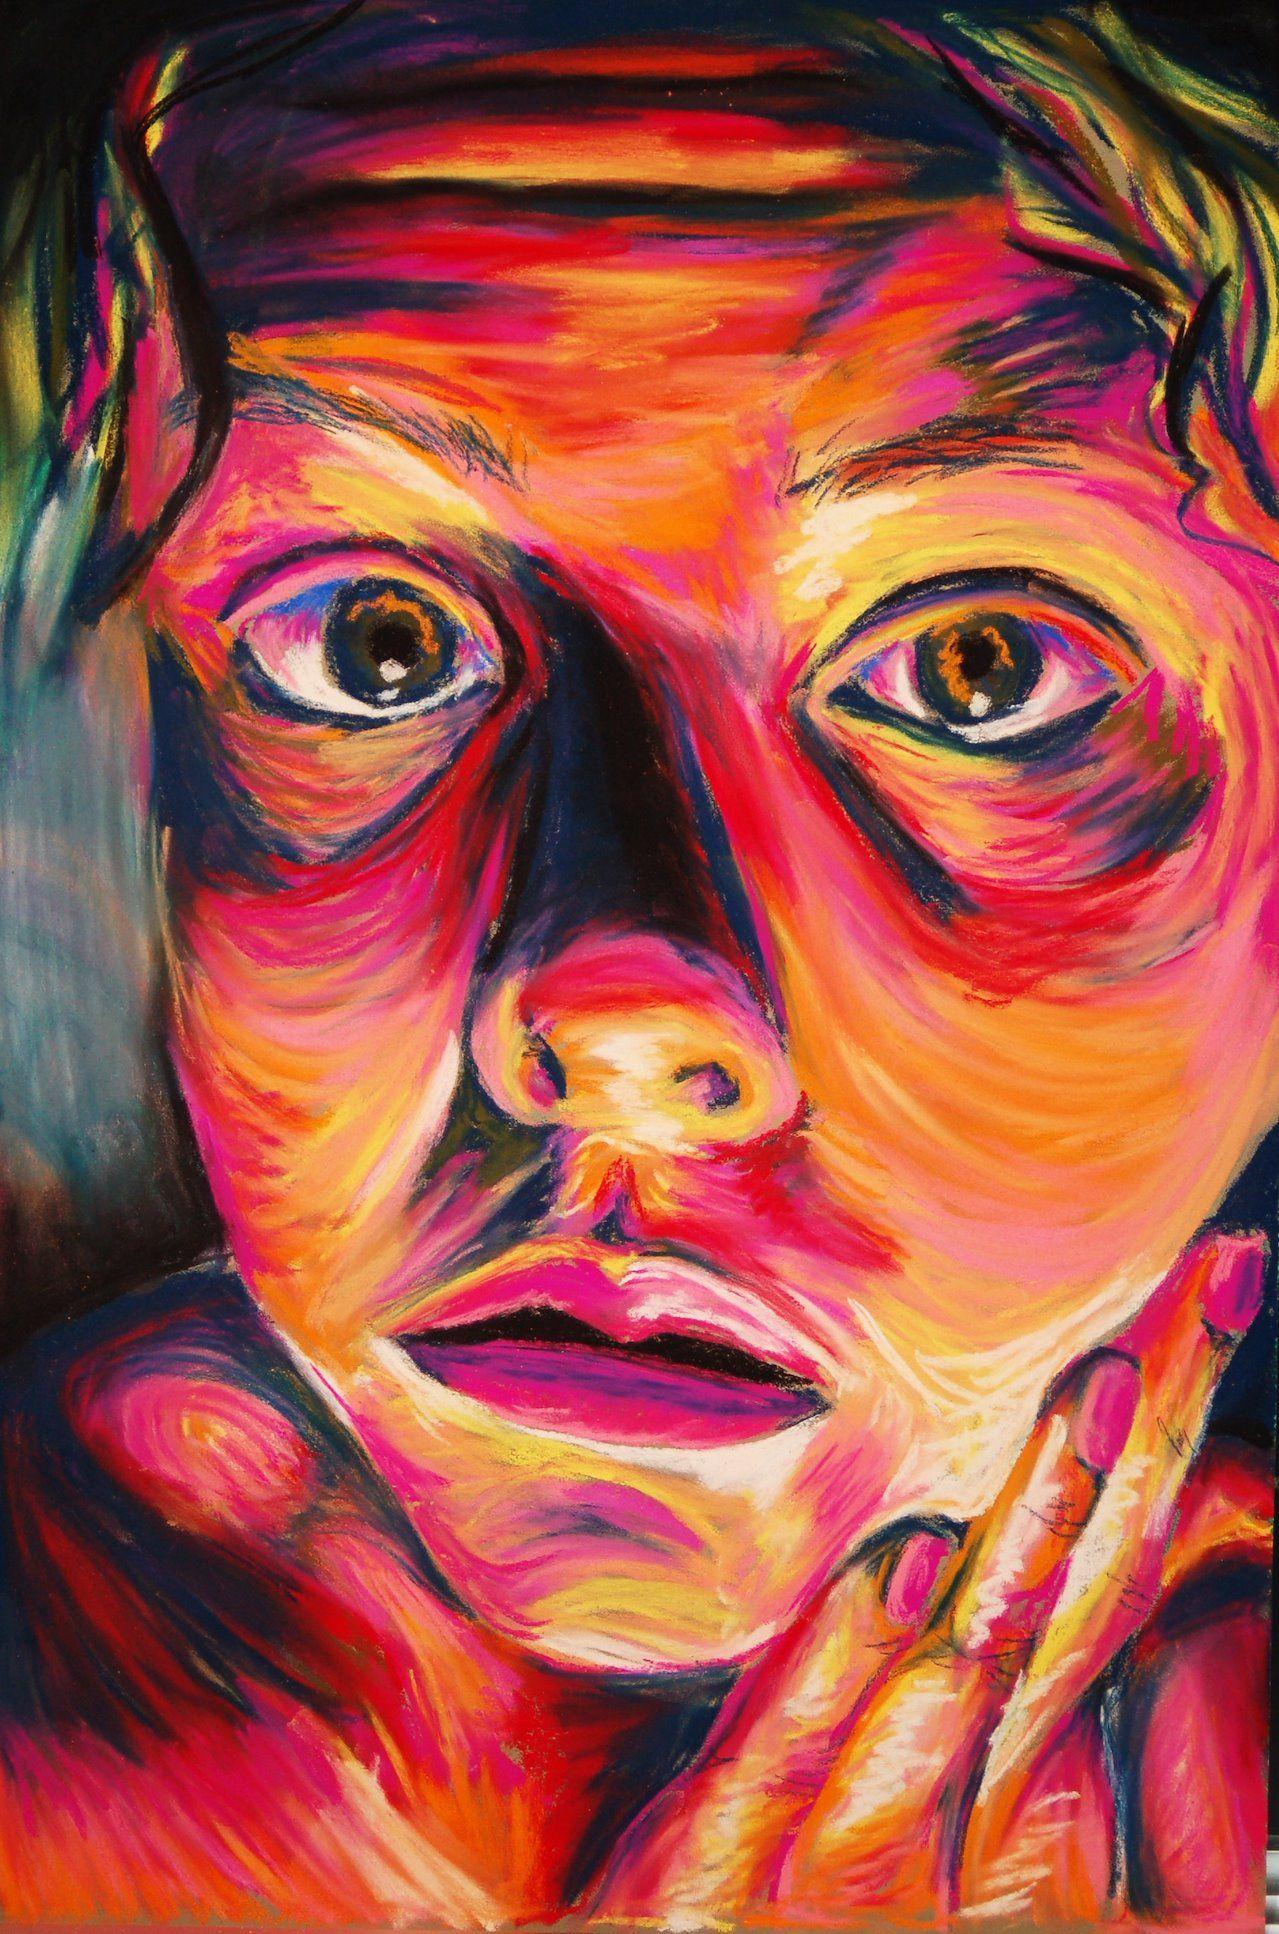 Portrait Art   Portrait art, Art, Alcohol based markers